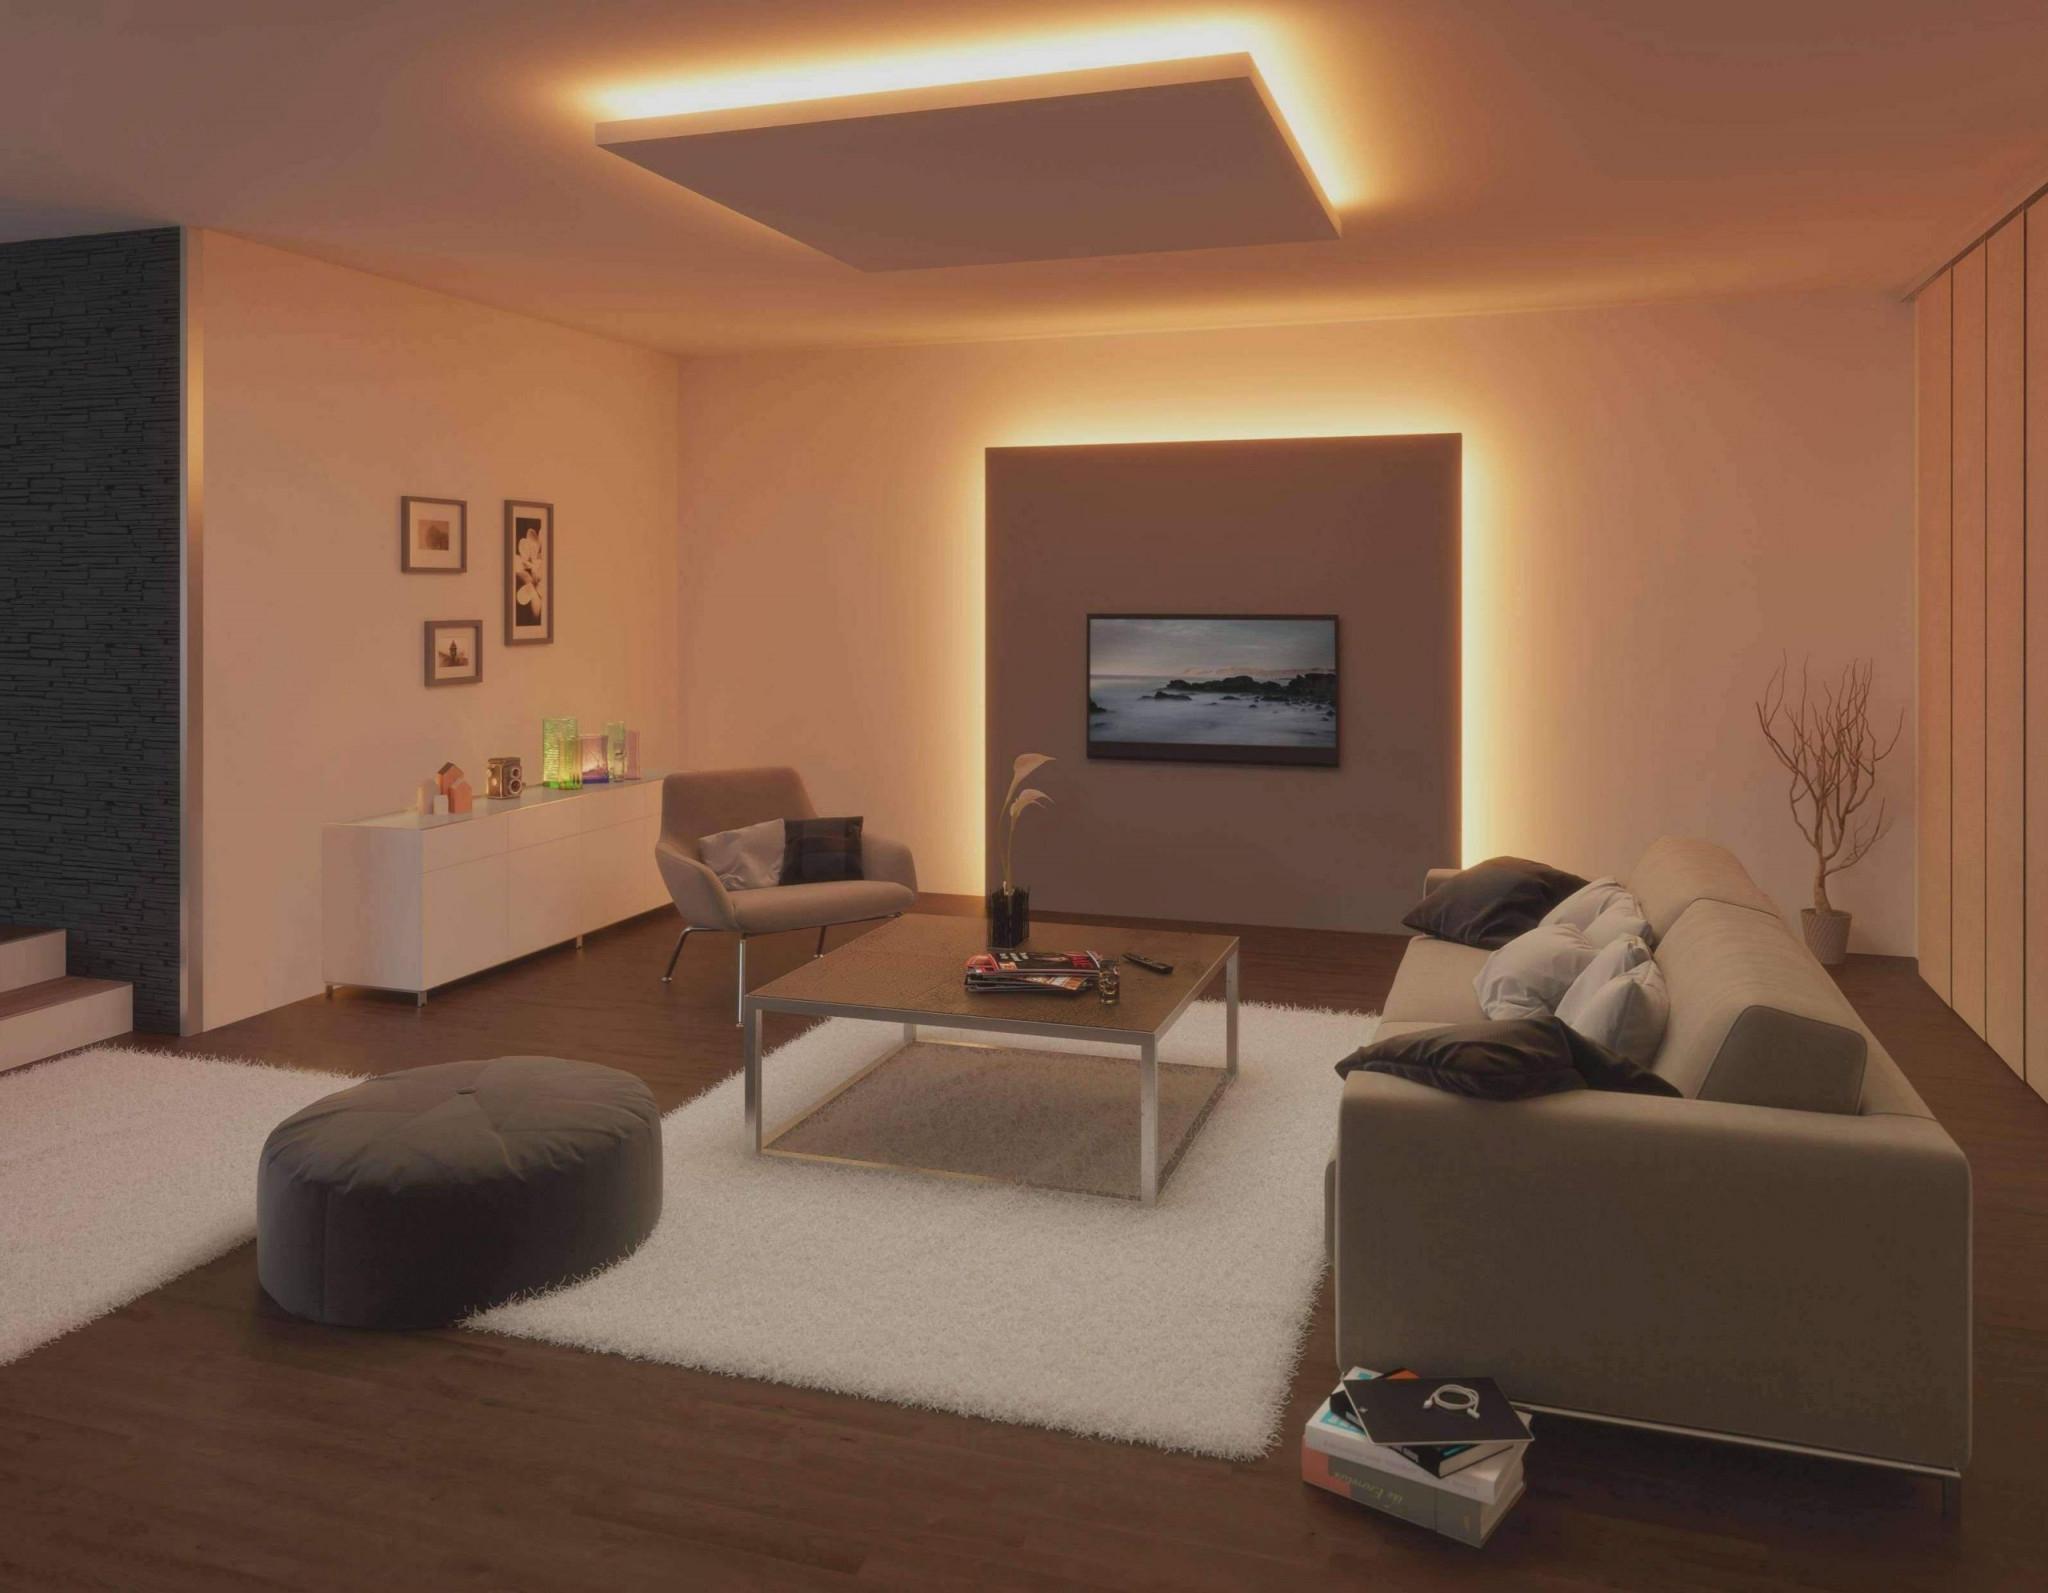 29 Neu Licht Ideen Wohnzimmer Einzigartig  Wohnzimmer Frisch von Wohnzimmer Lampe Holz Photo